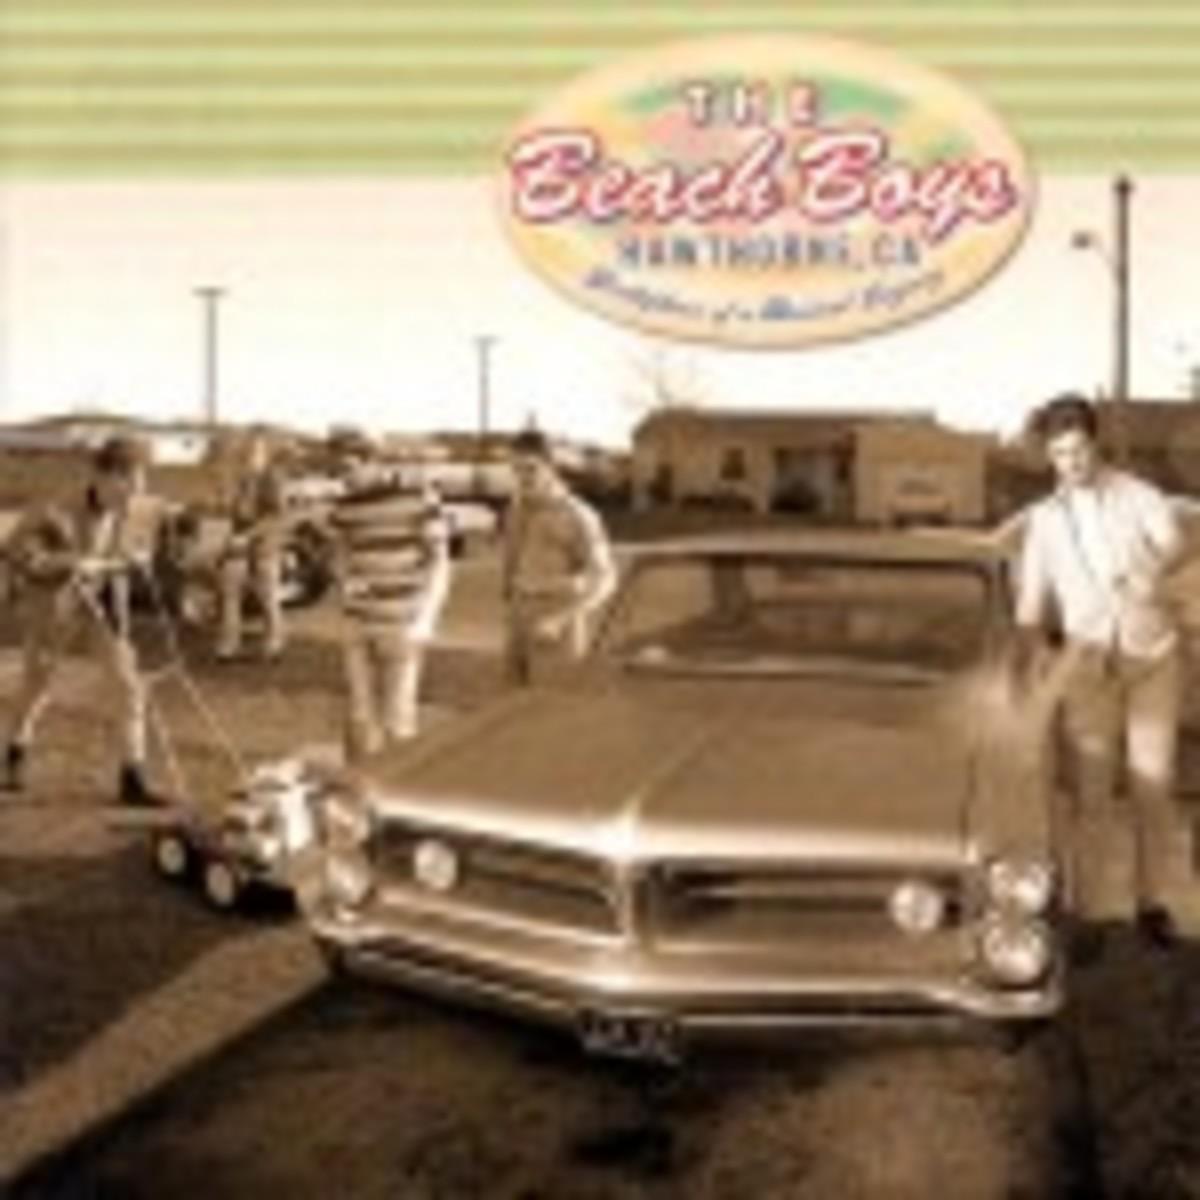 Beach Boys Hawthorne CA